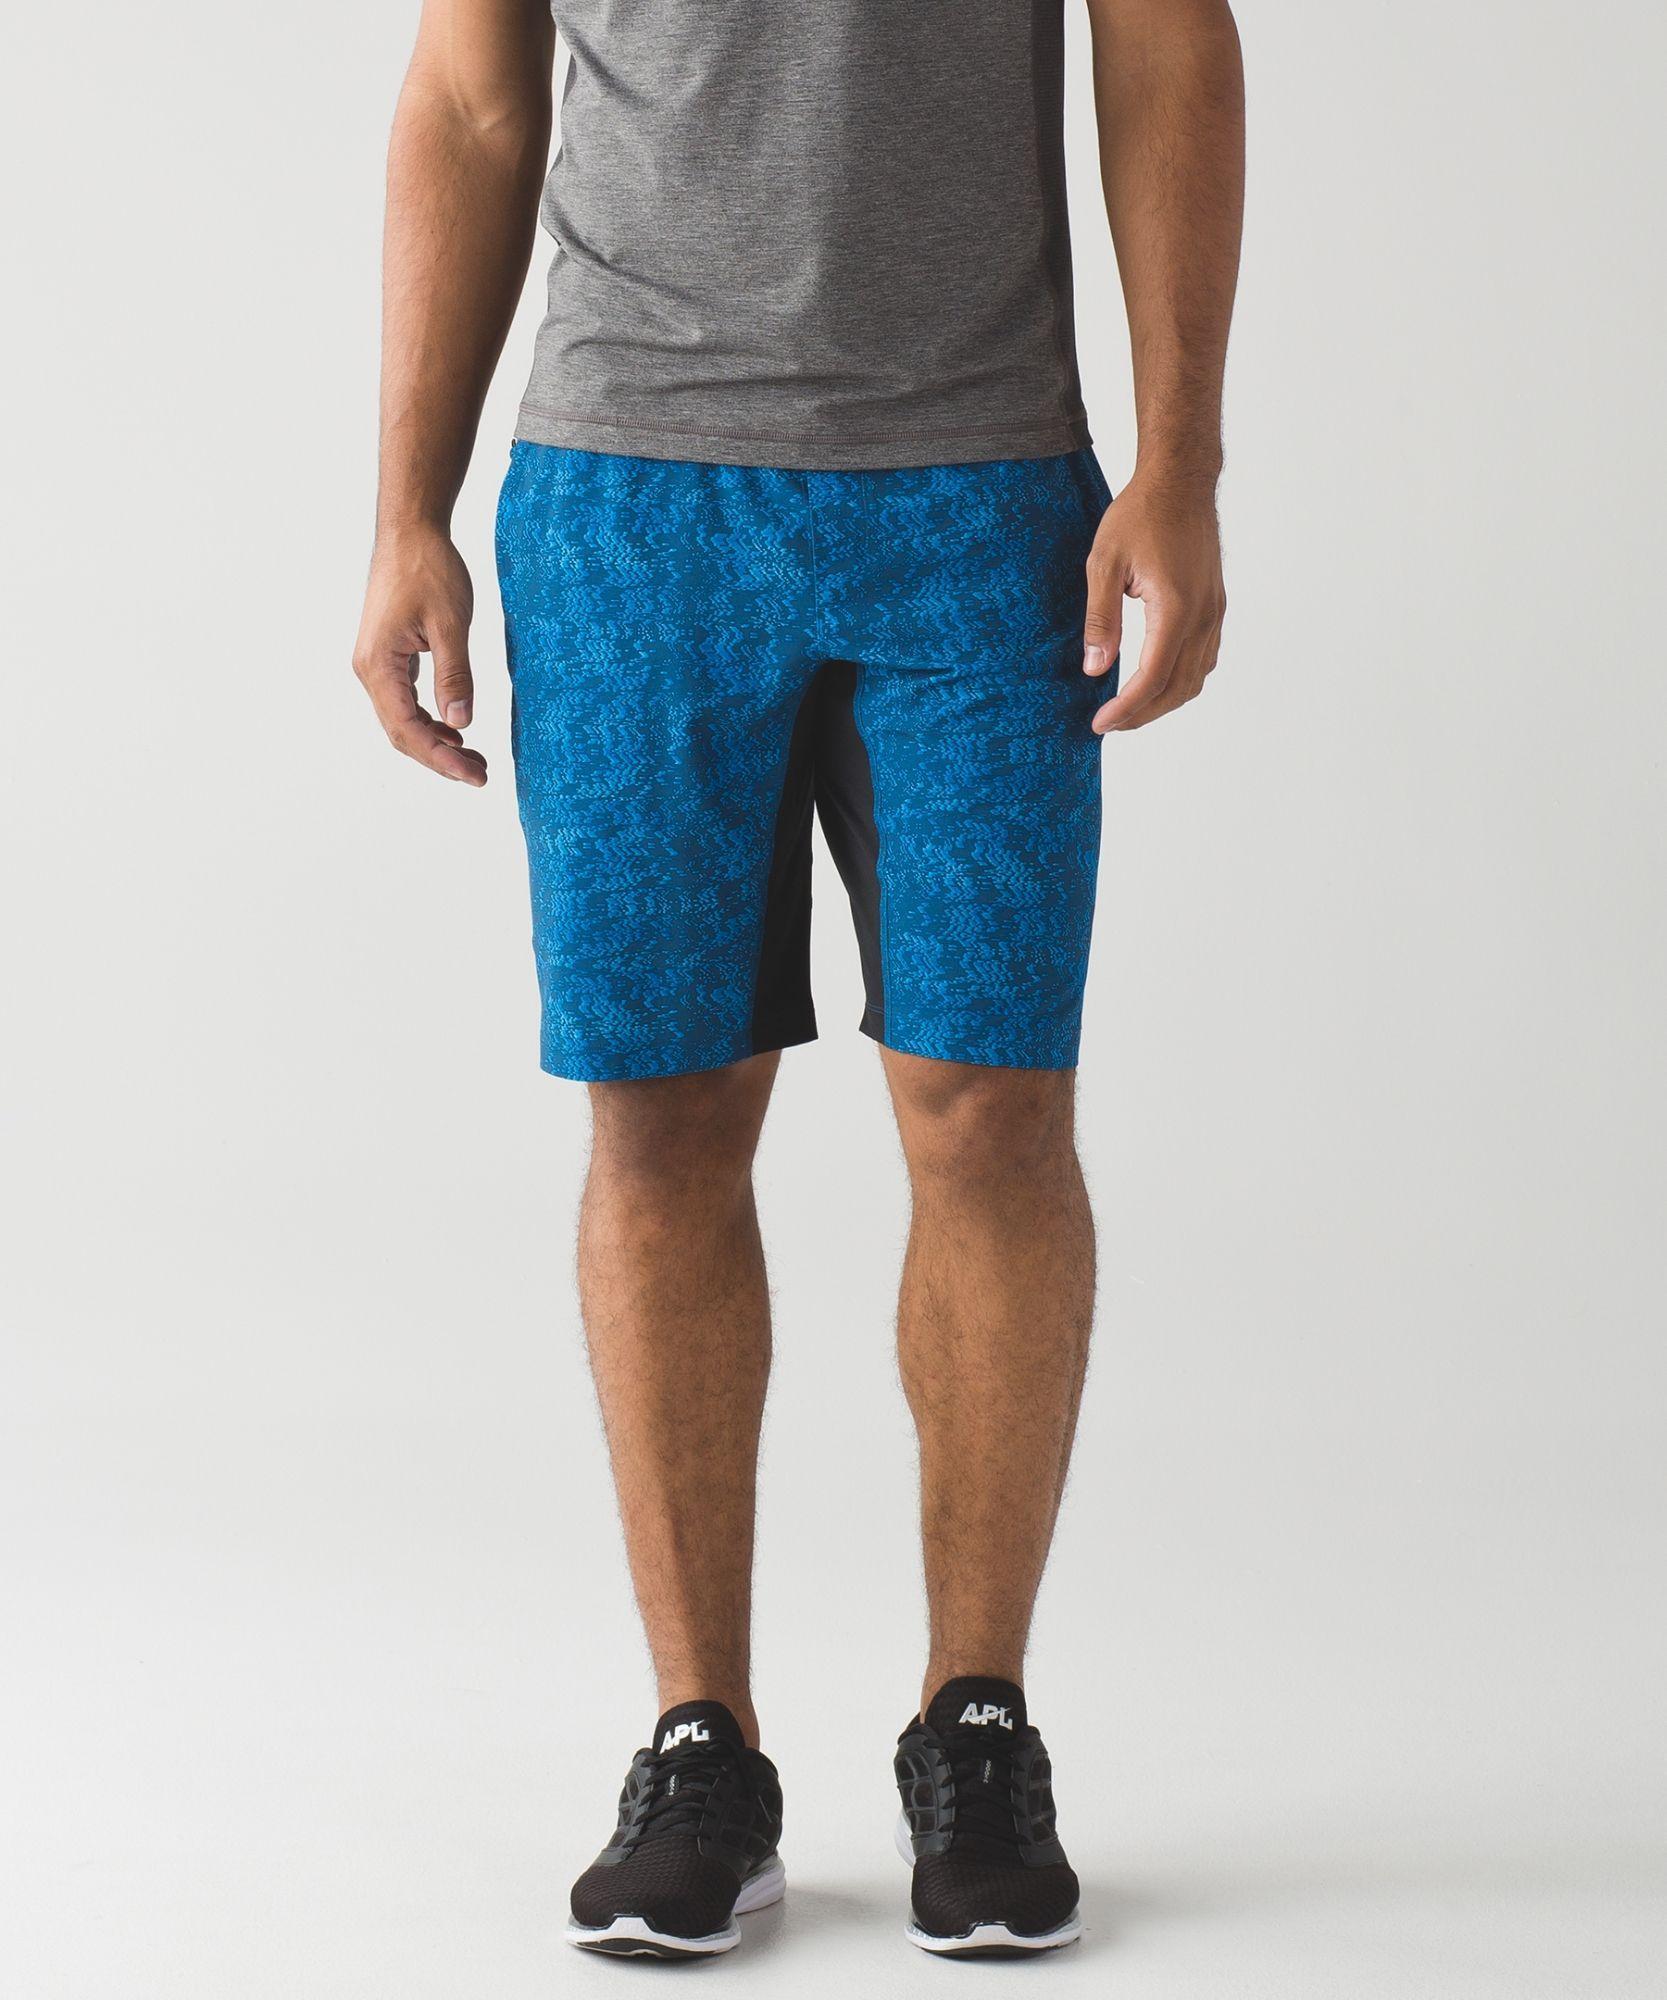 Men's Training Shorts - T.H.E. Short 11